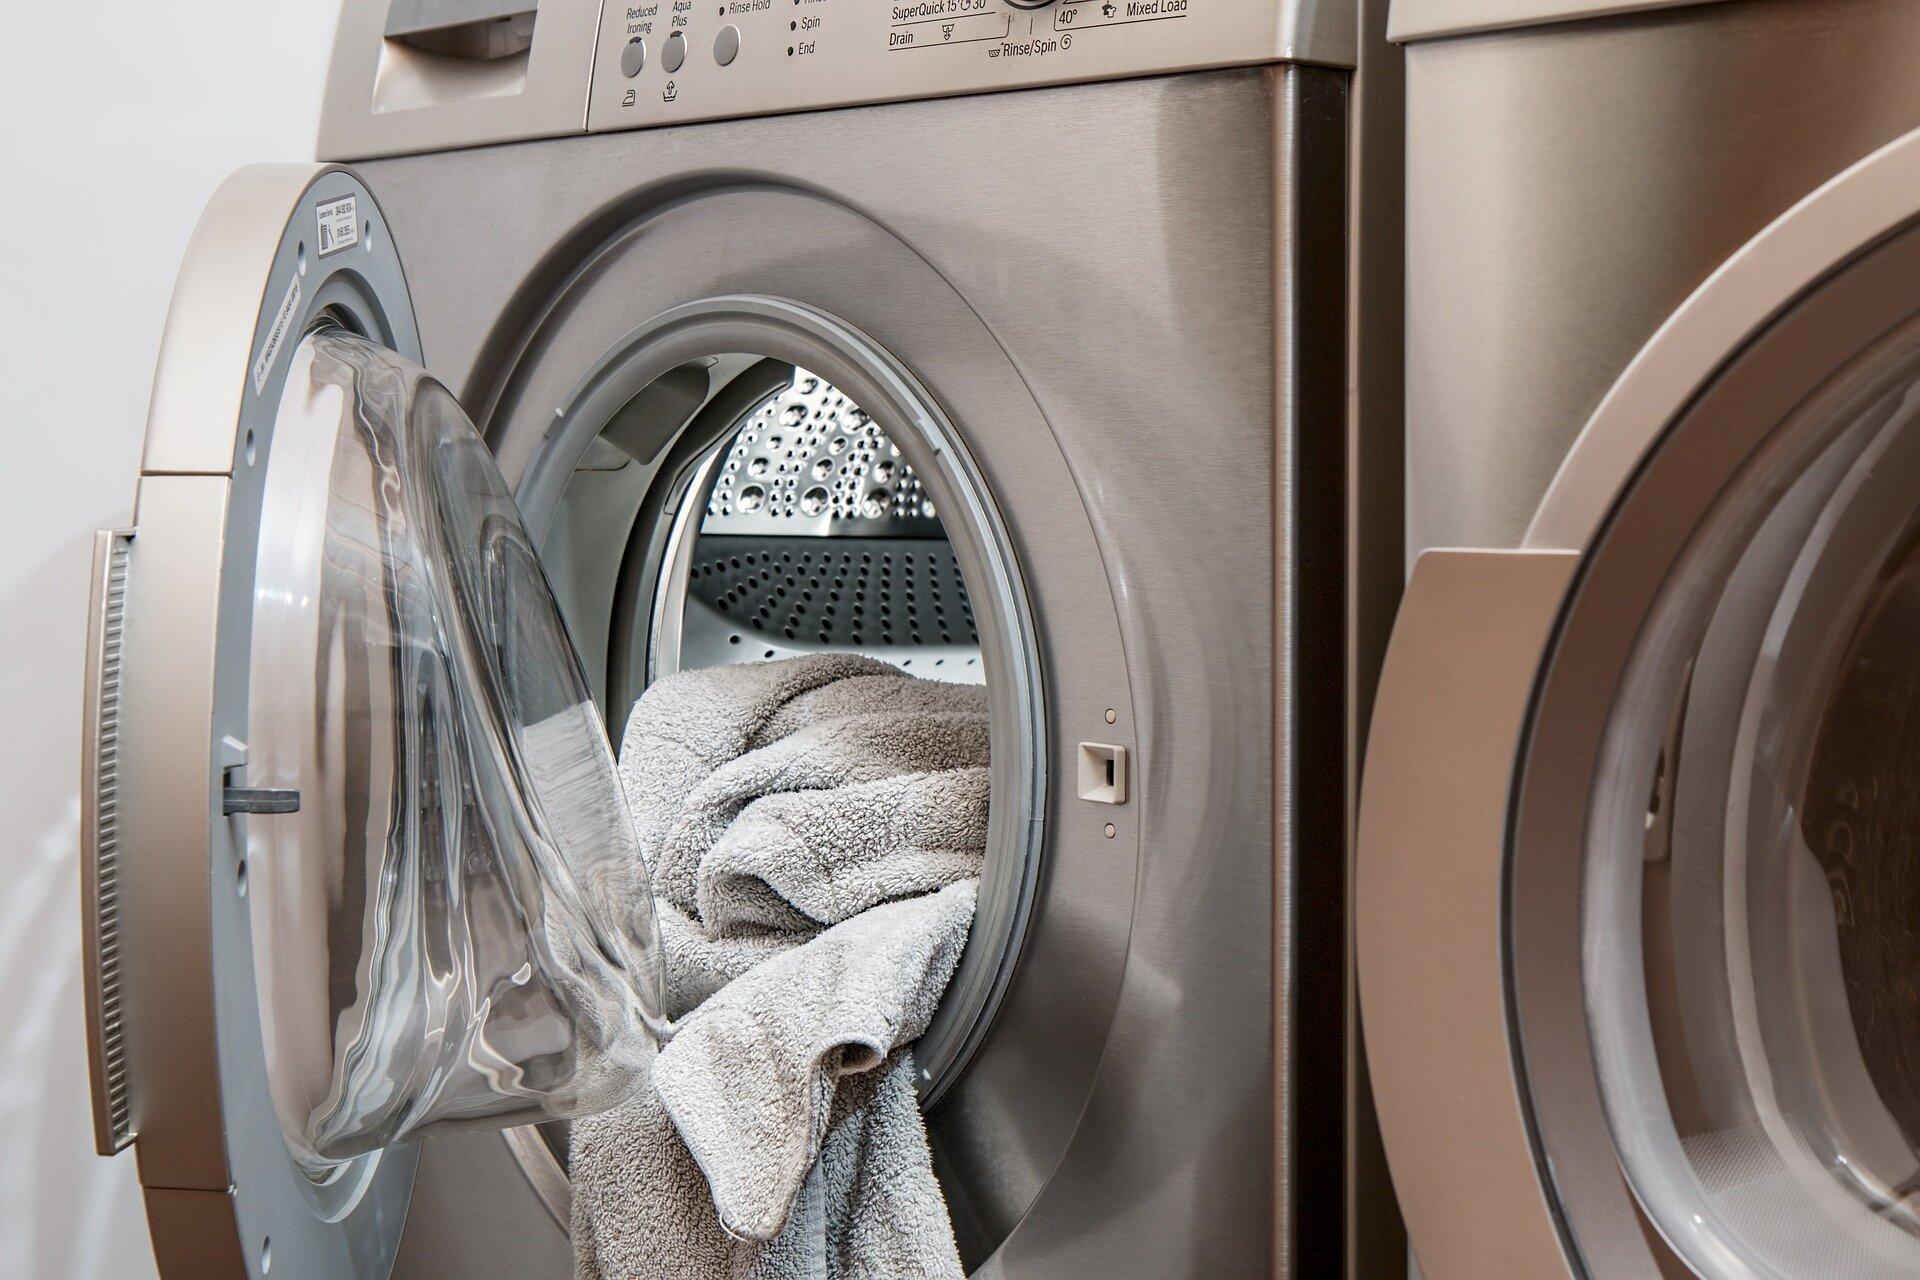 Làm vệ sinh máy giặt thường xuyên đem lại chất lượng giặt cũng như bảo quản máy tốt hơn